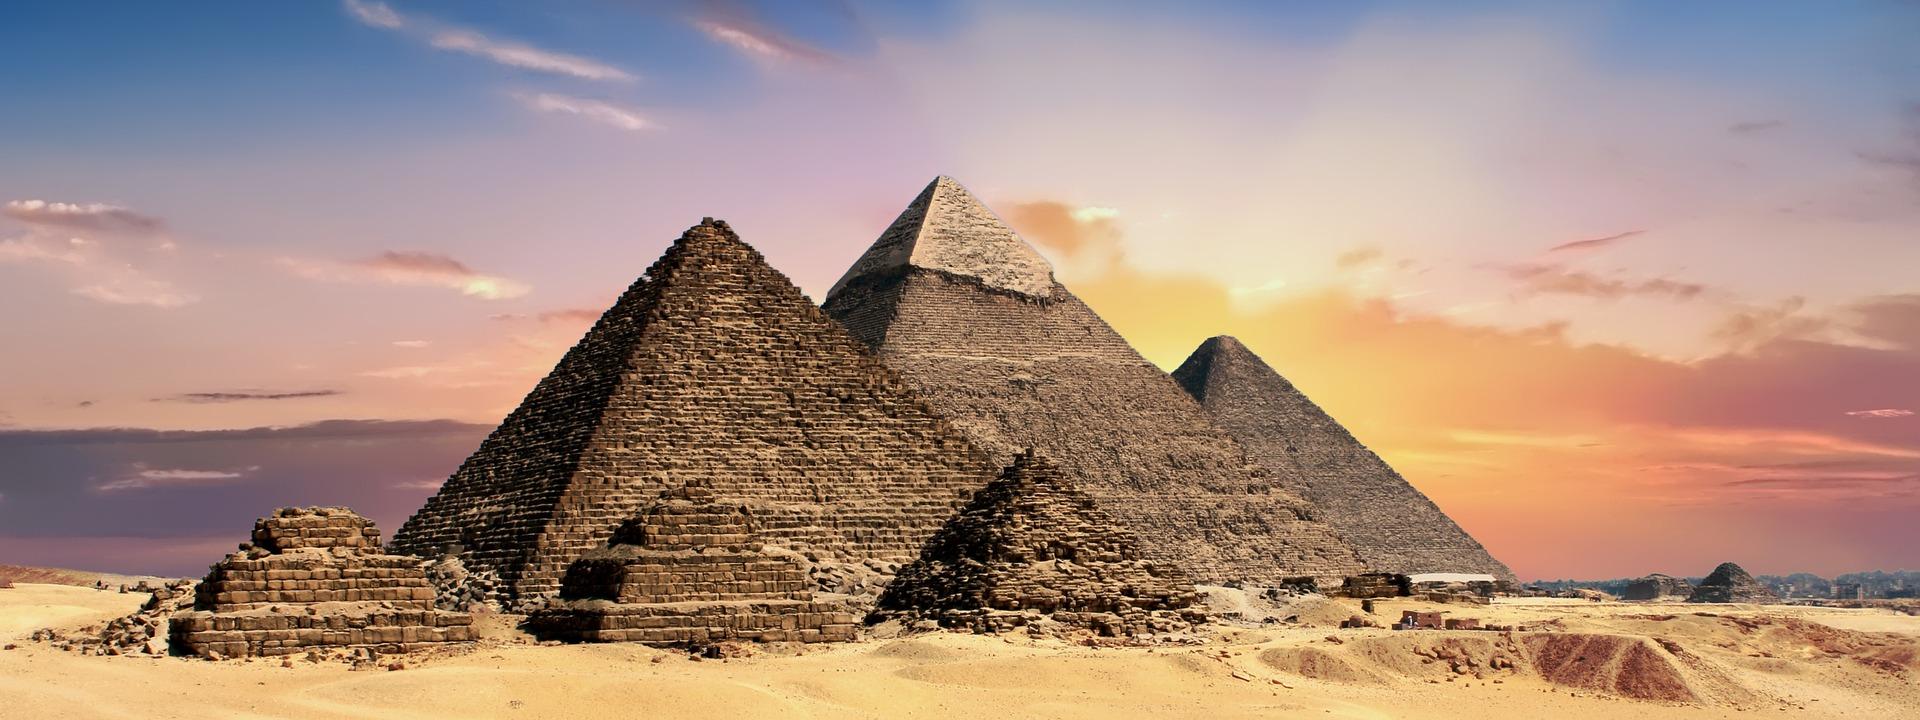 pyramids-2371501_1920.jpg